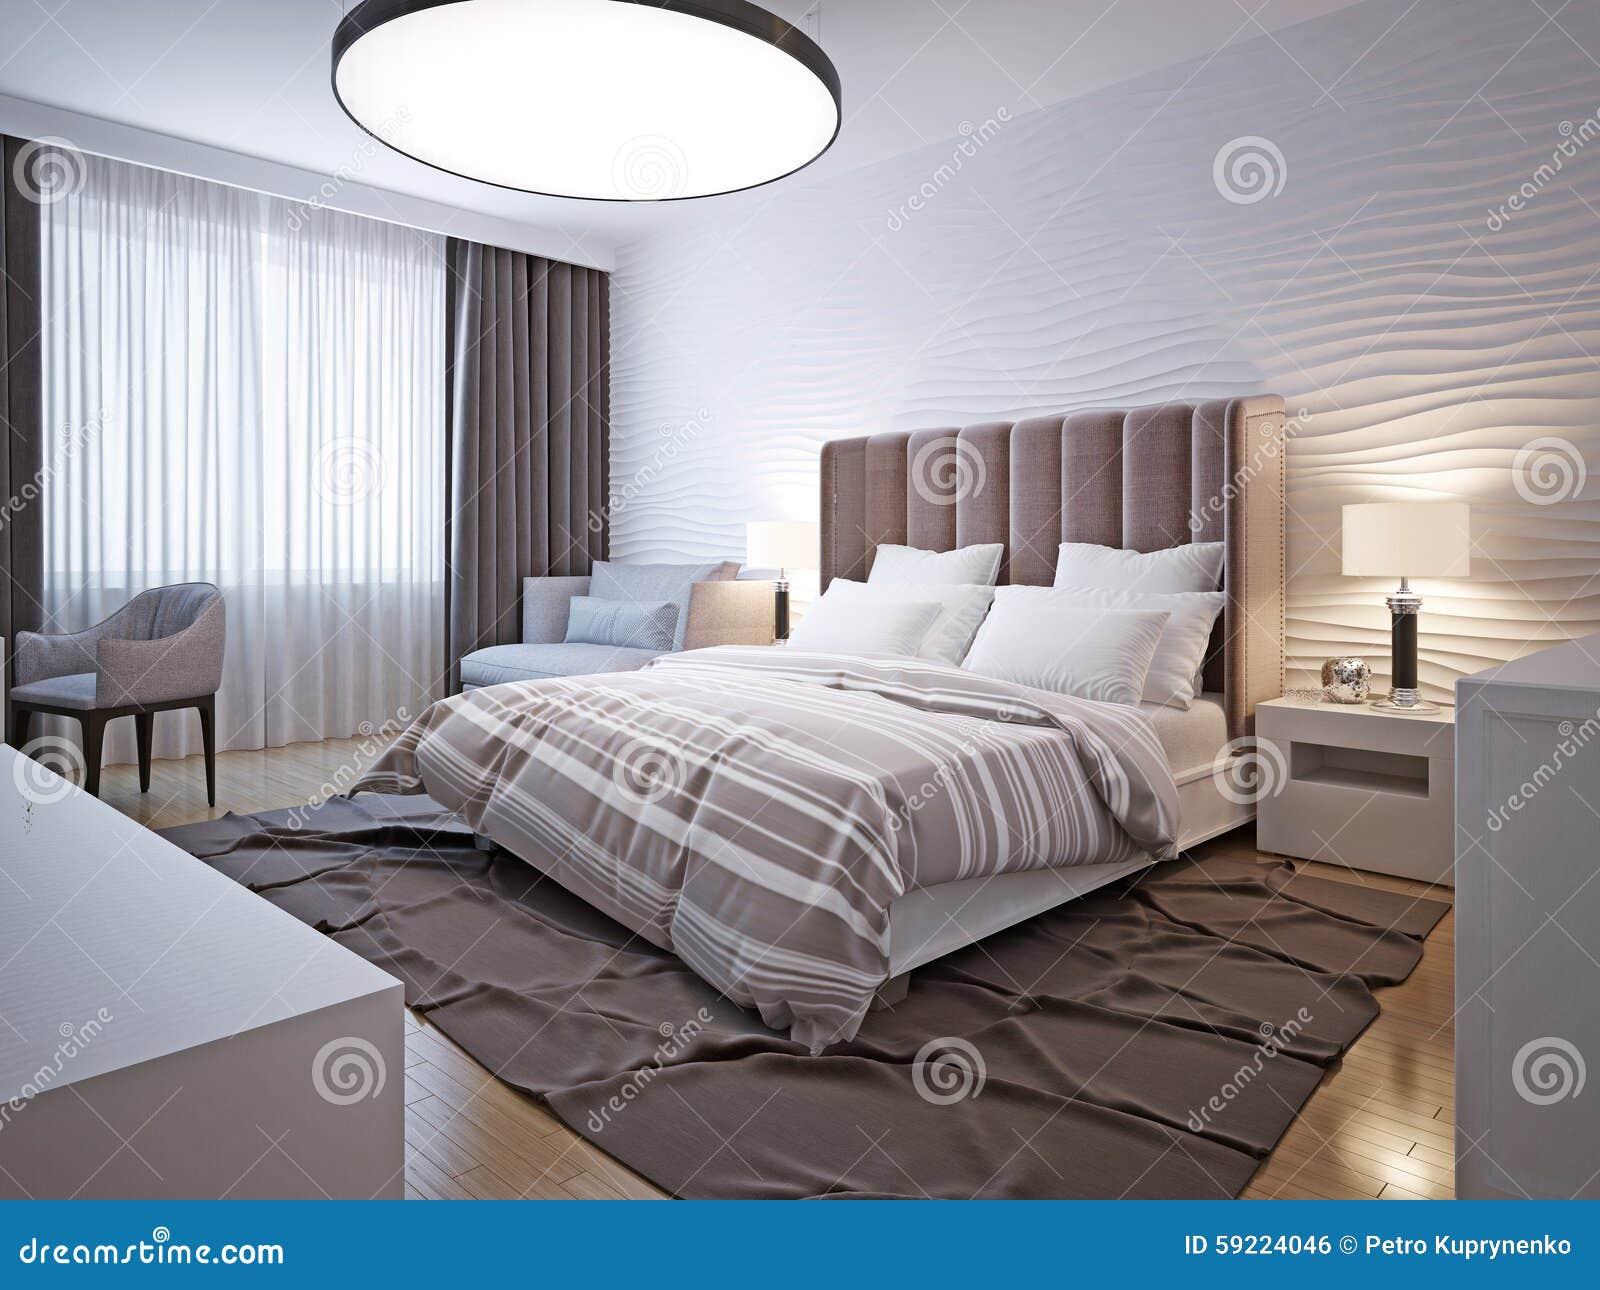 Slaapkamer Amerikaanse Stijl : Slaapkamer amerikaanse stijl: slaapkamers amerikaanse. unieke